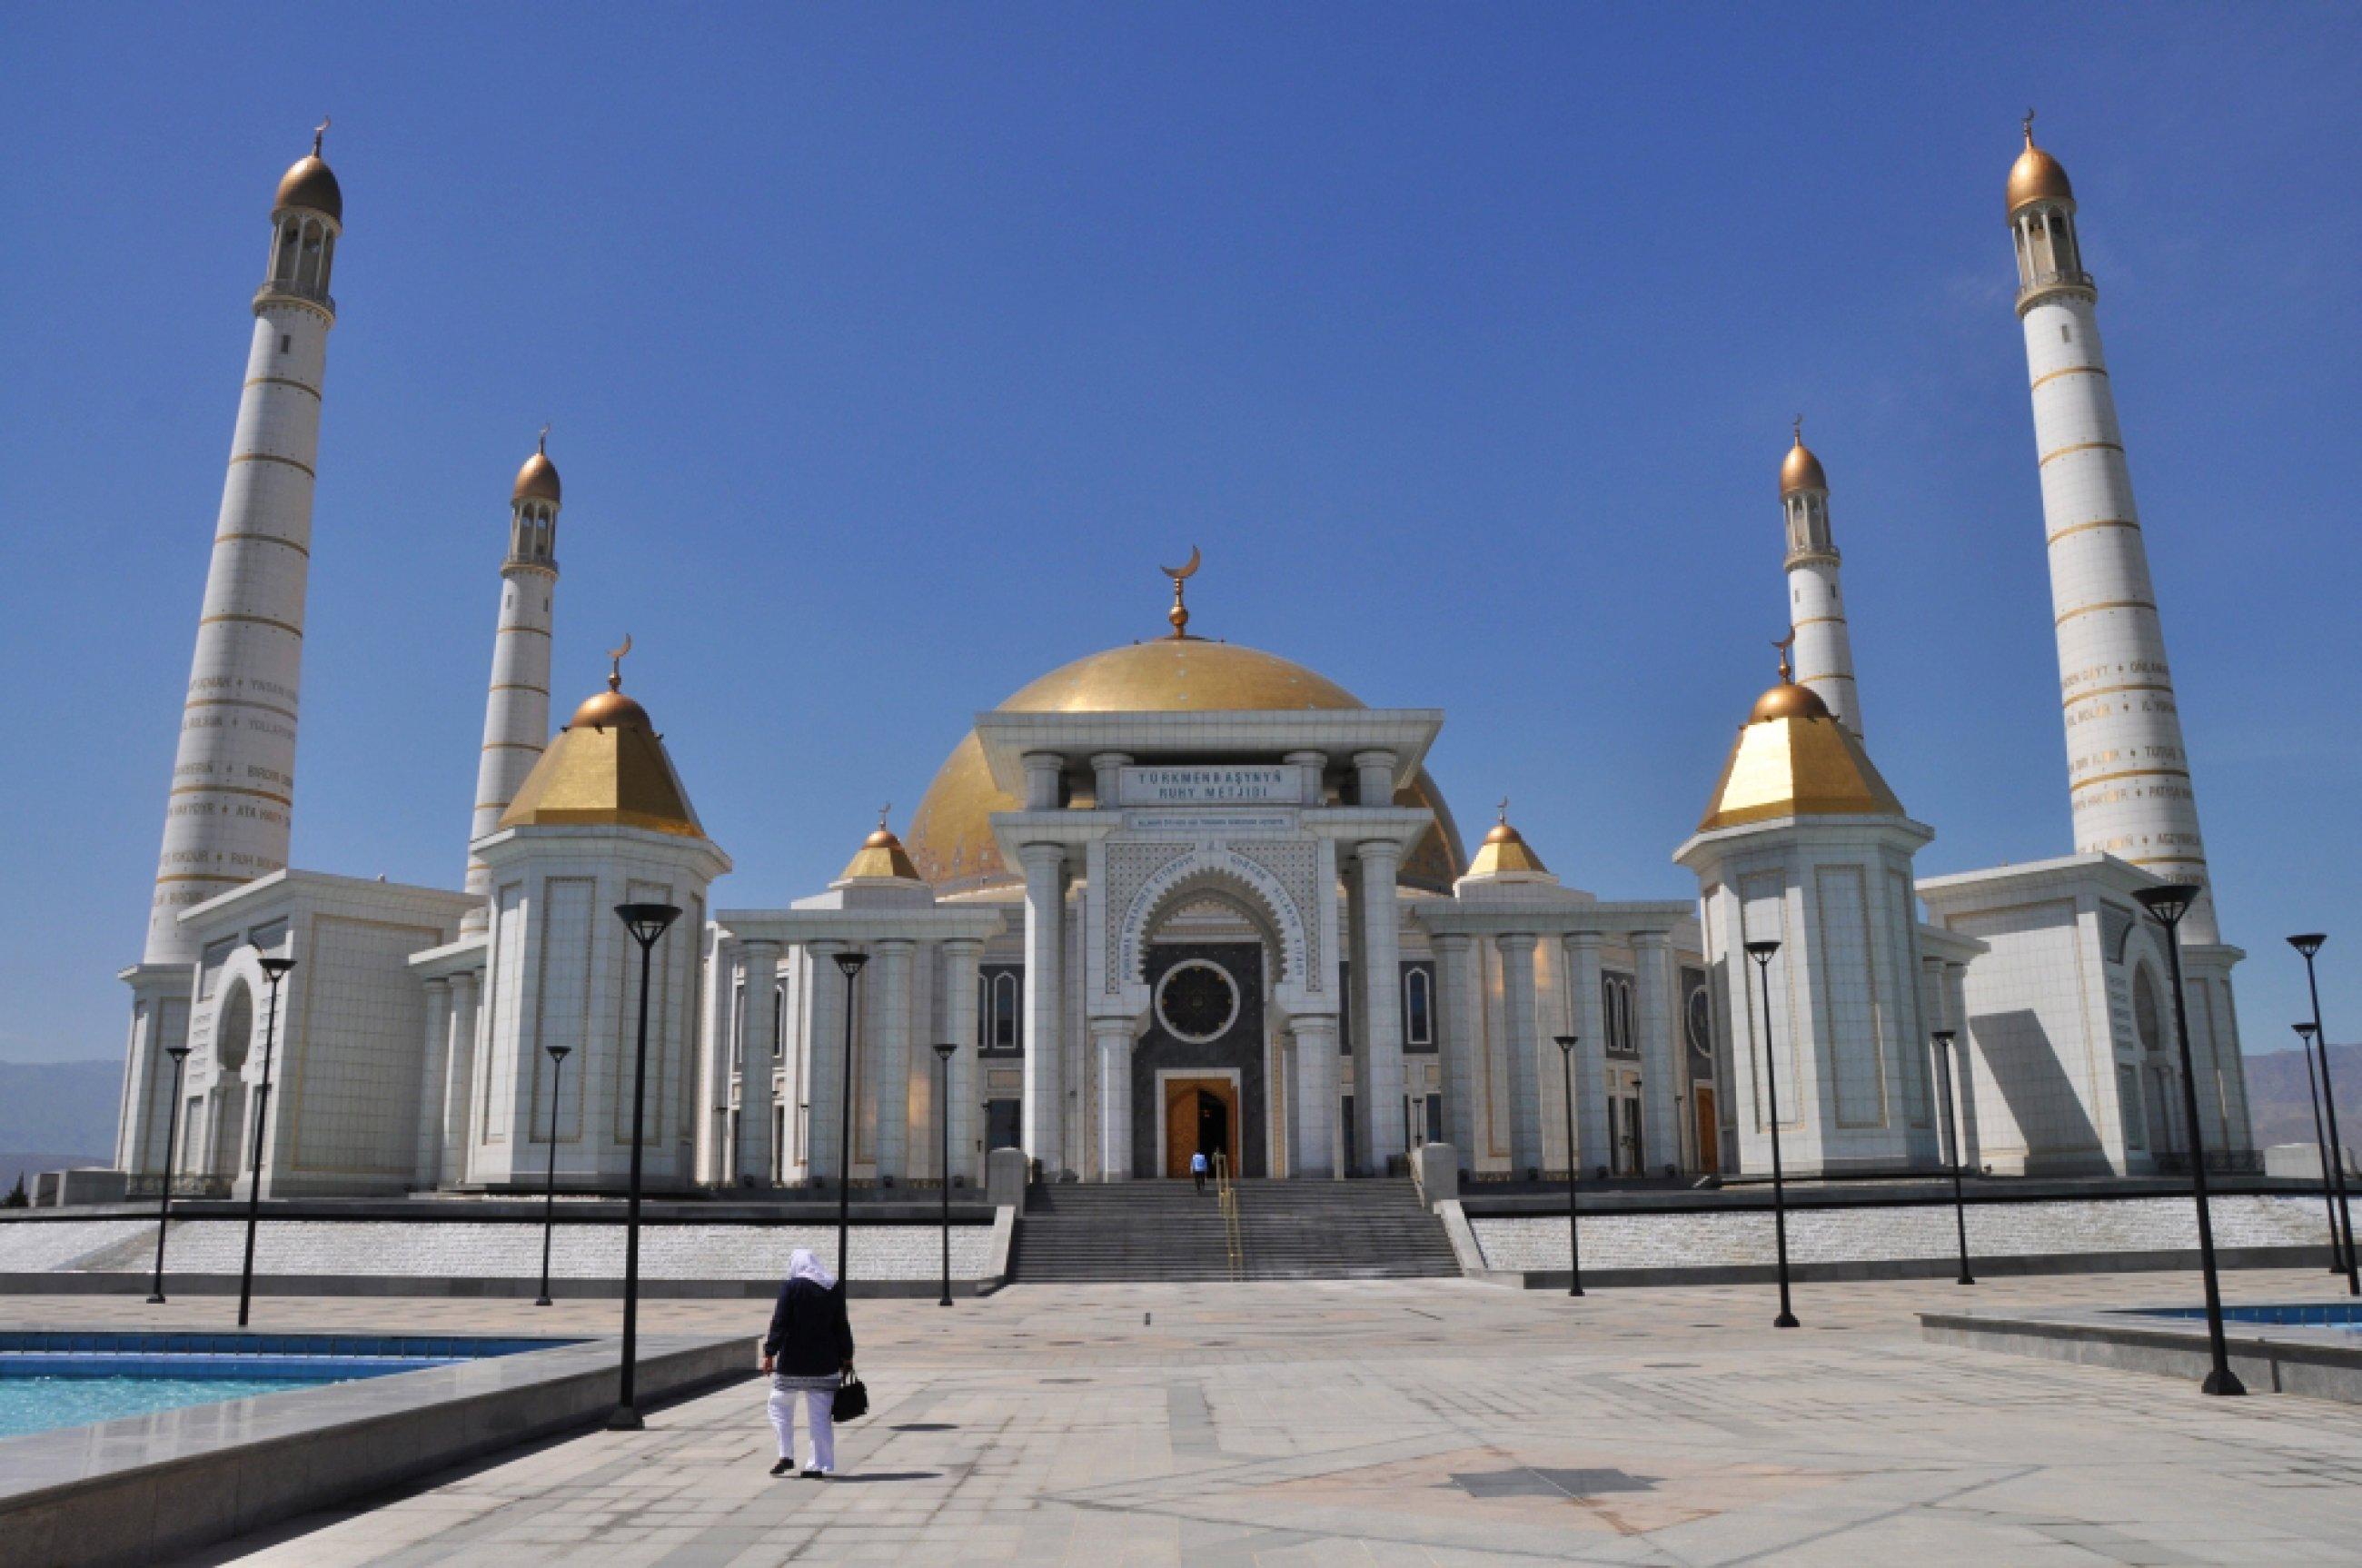 https://bubo.sk/uploads/galleries/7500/turkmenistan-09.jpg